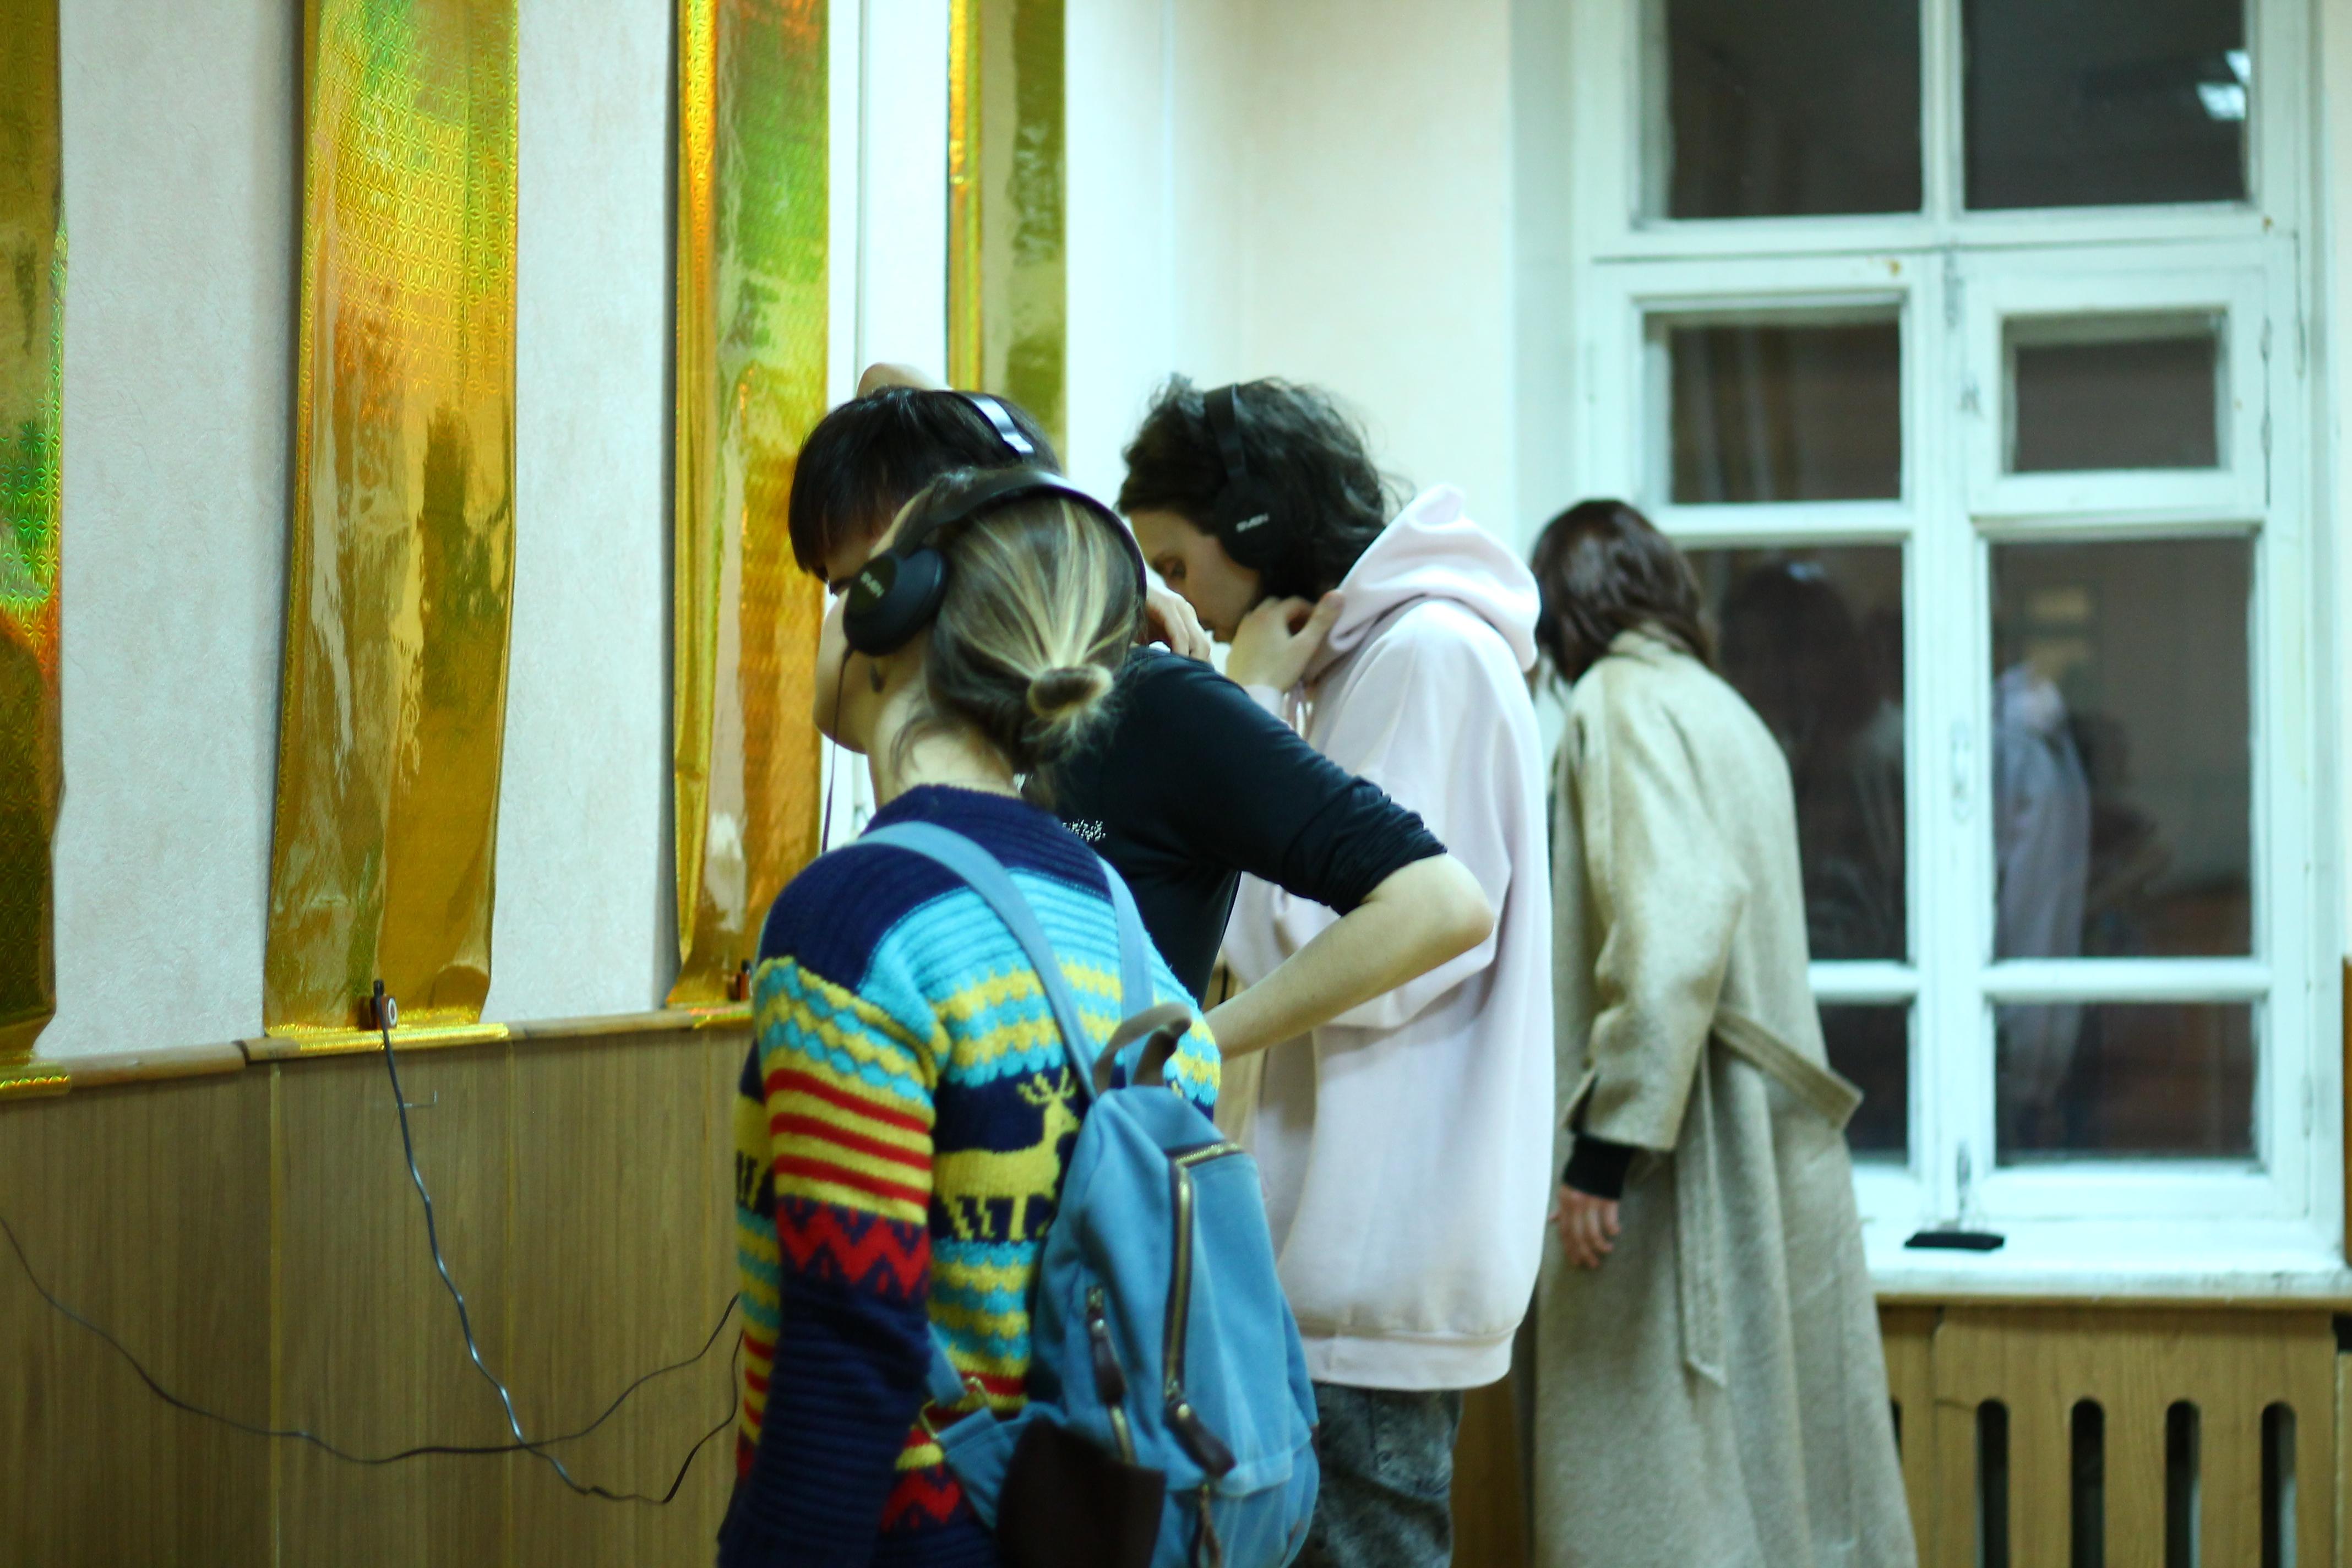 Первые посетители изучают работу Татьяны Данилевской об институционализации воронежского арт-данс-баттла